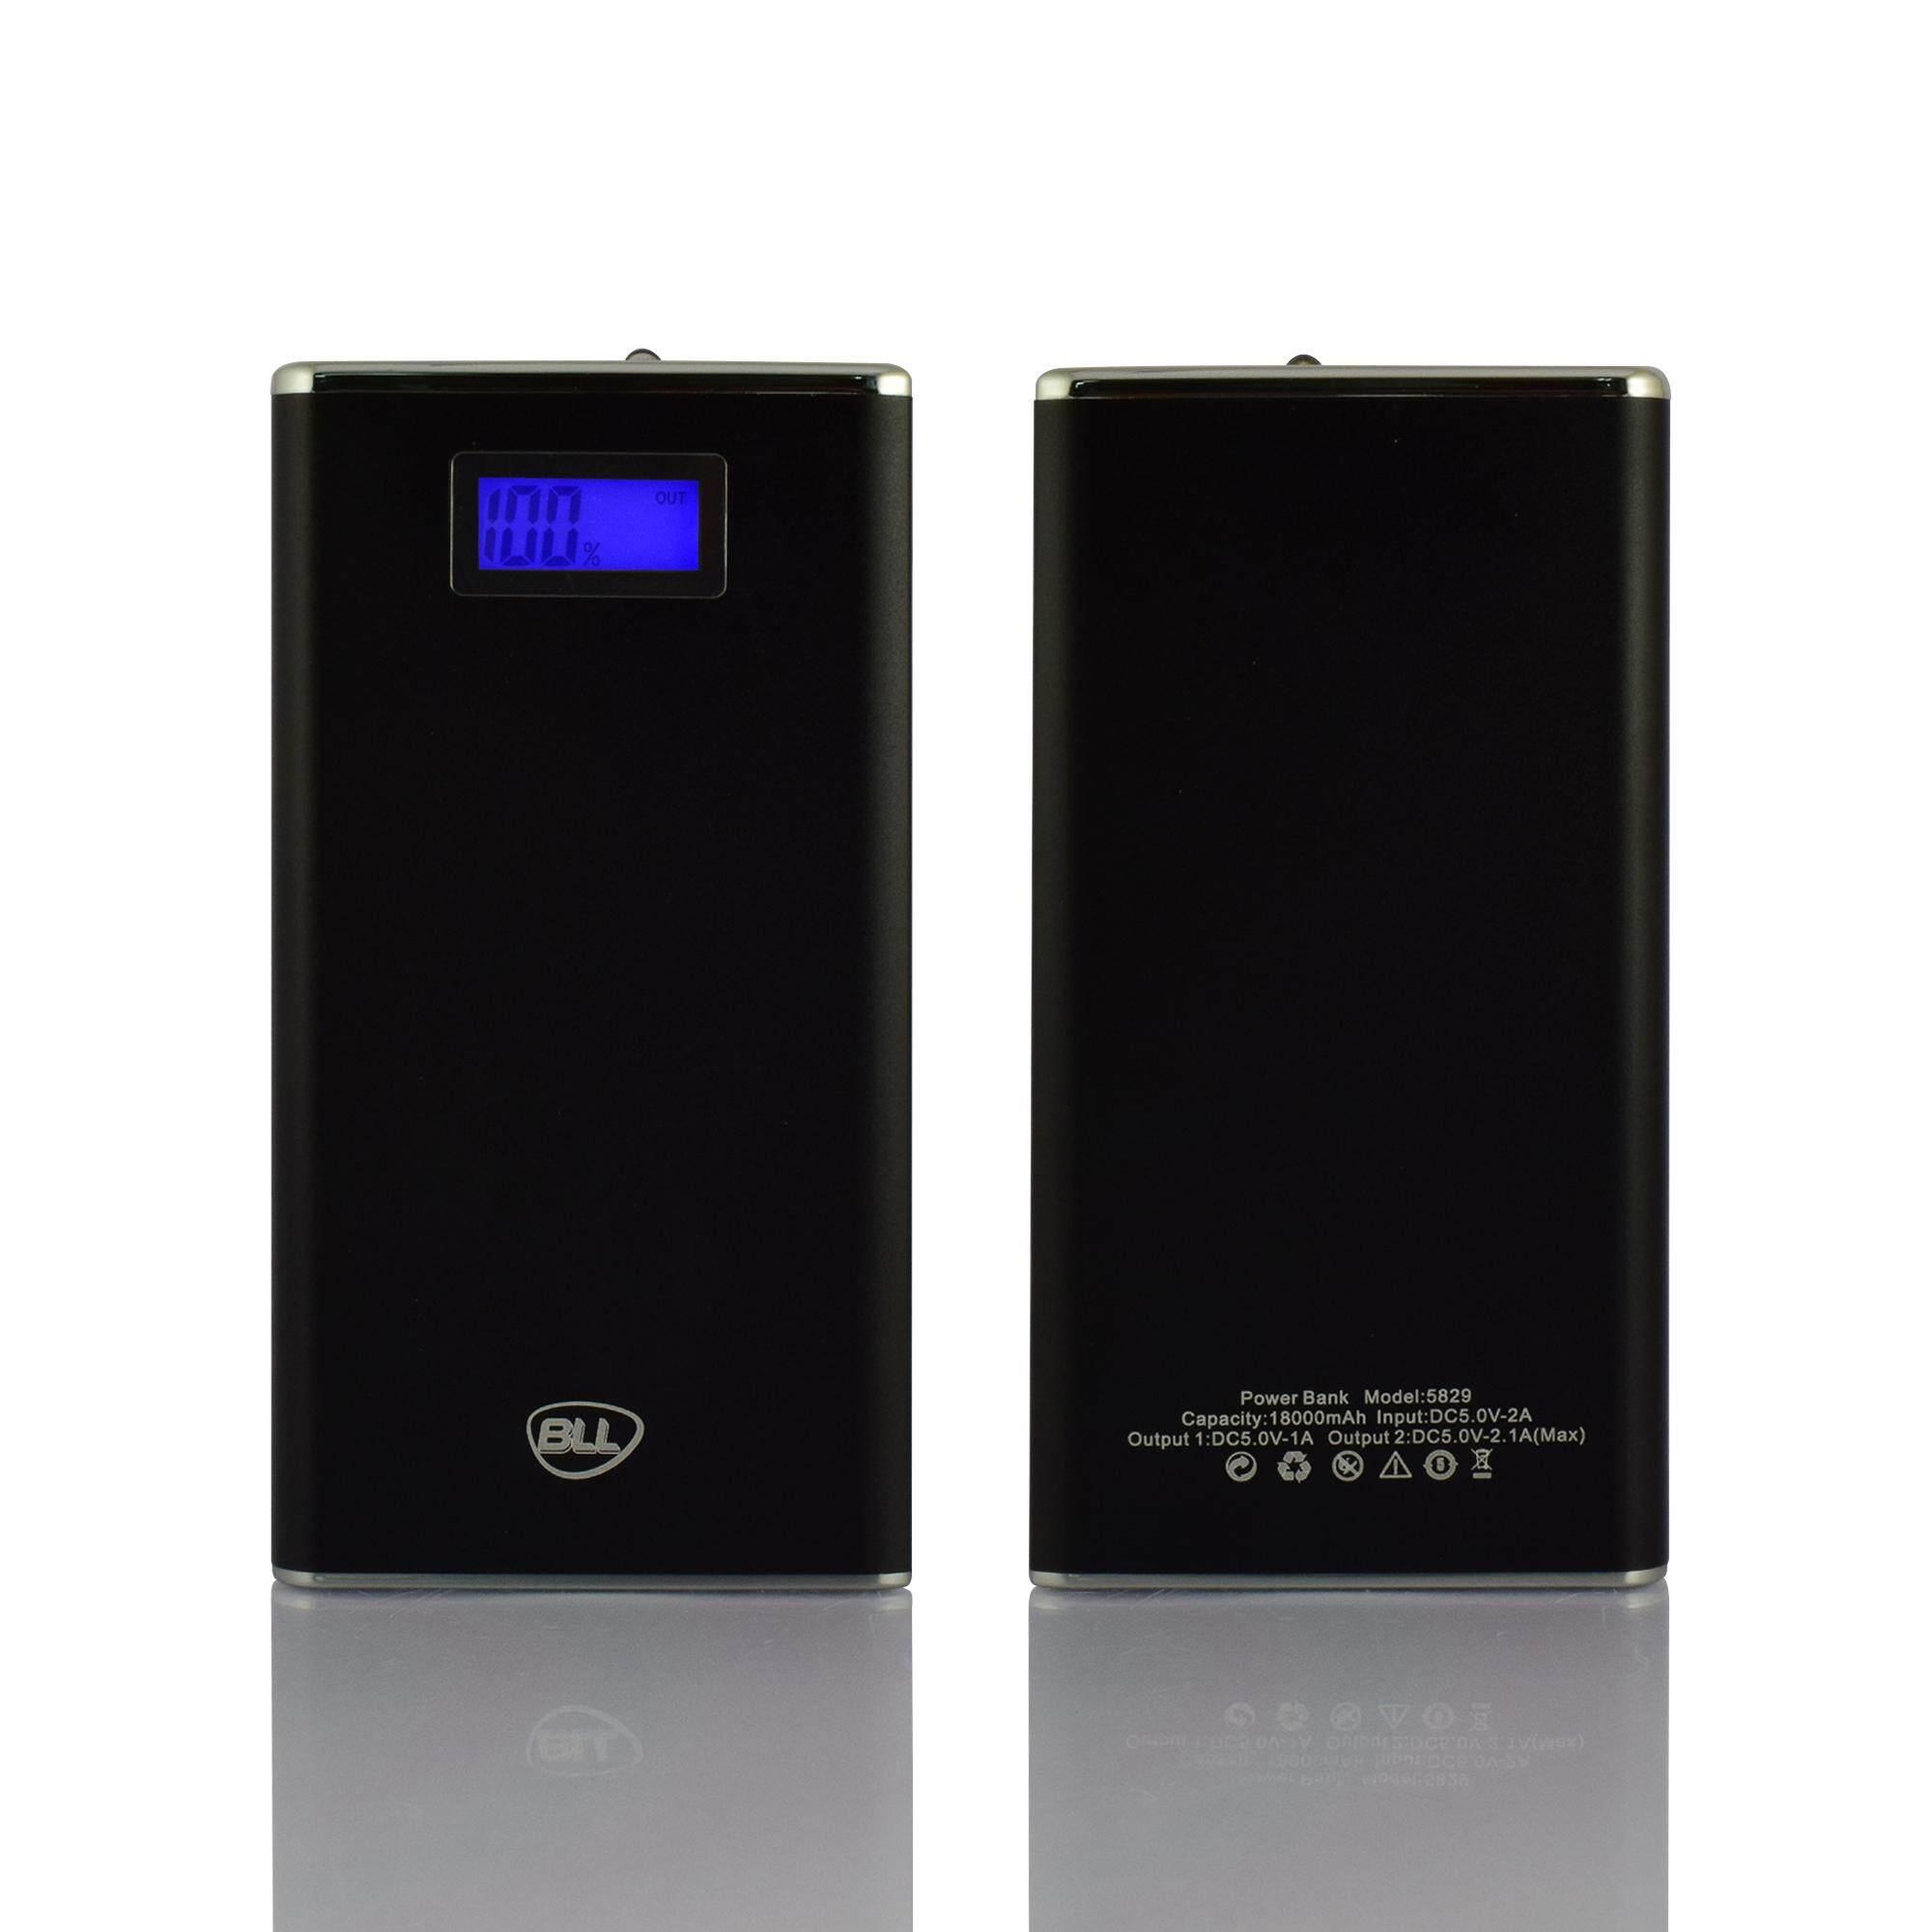 แบตสำรอง ของแท้ 100 % bll powerbank 18000 mah รุ่น 5829.